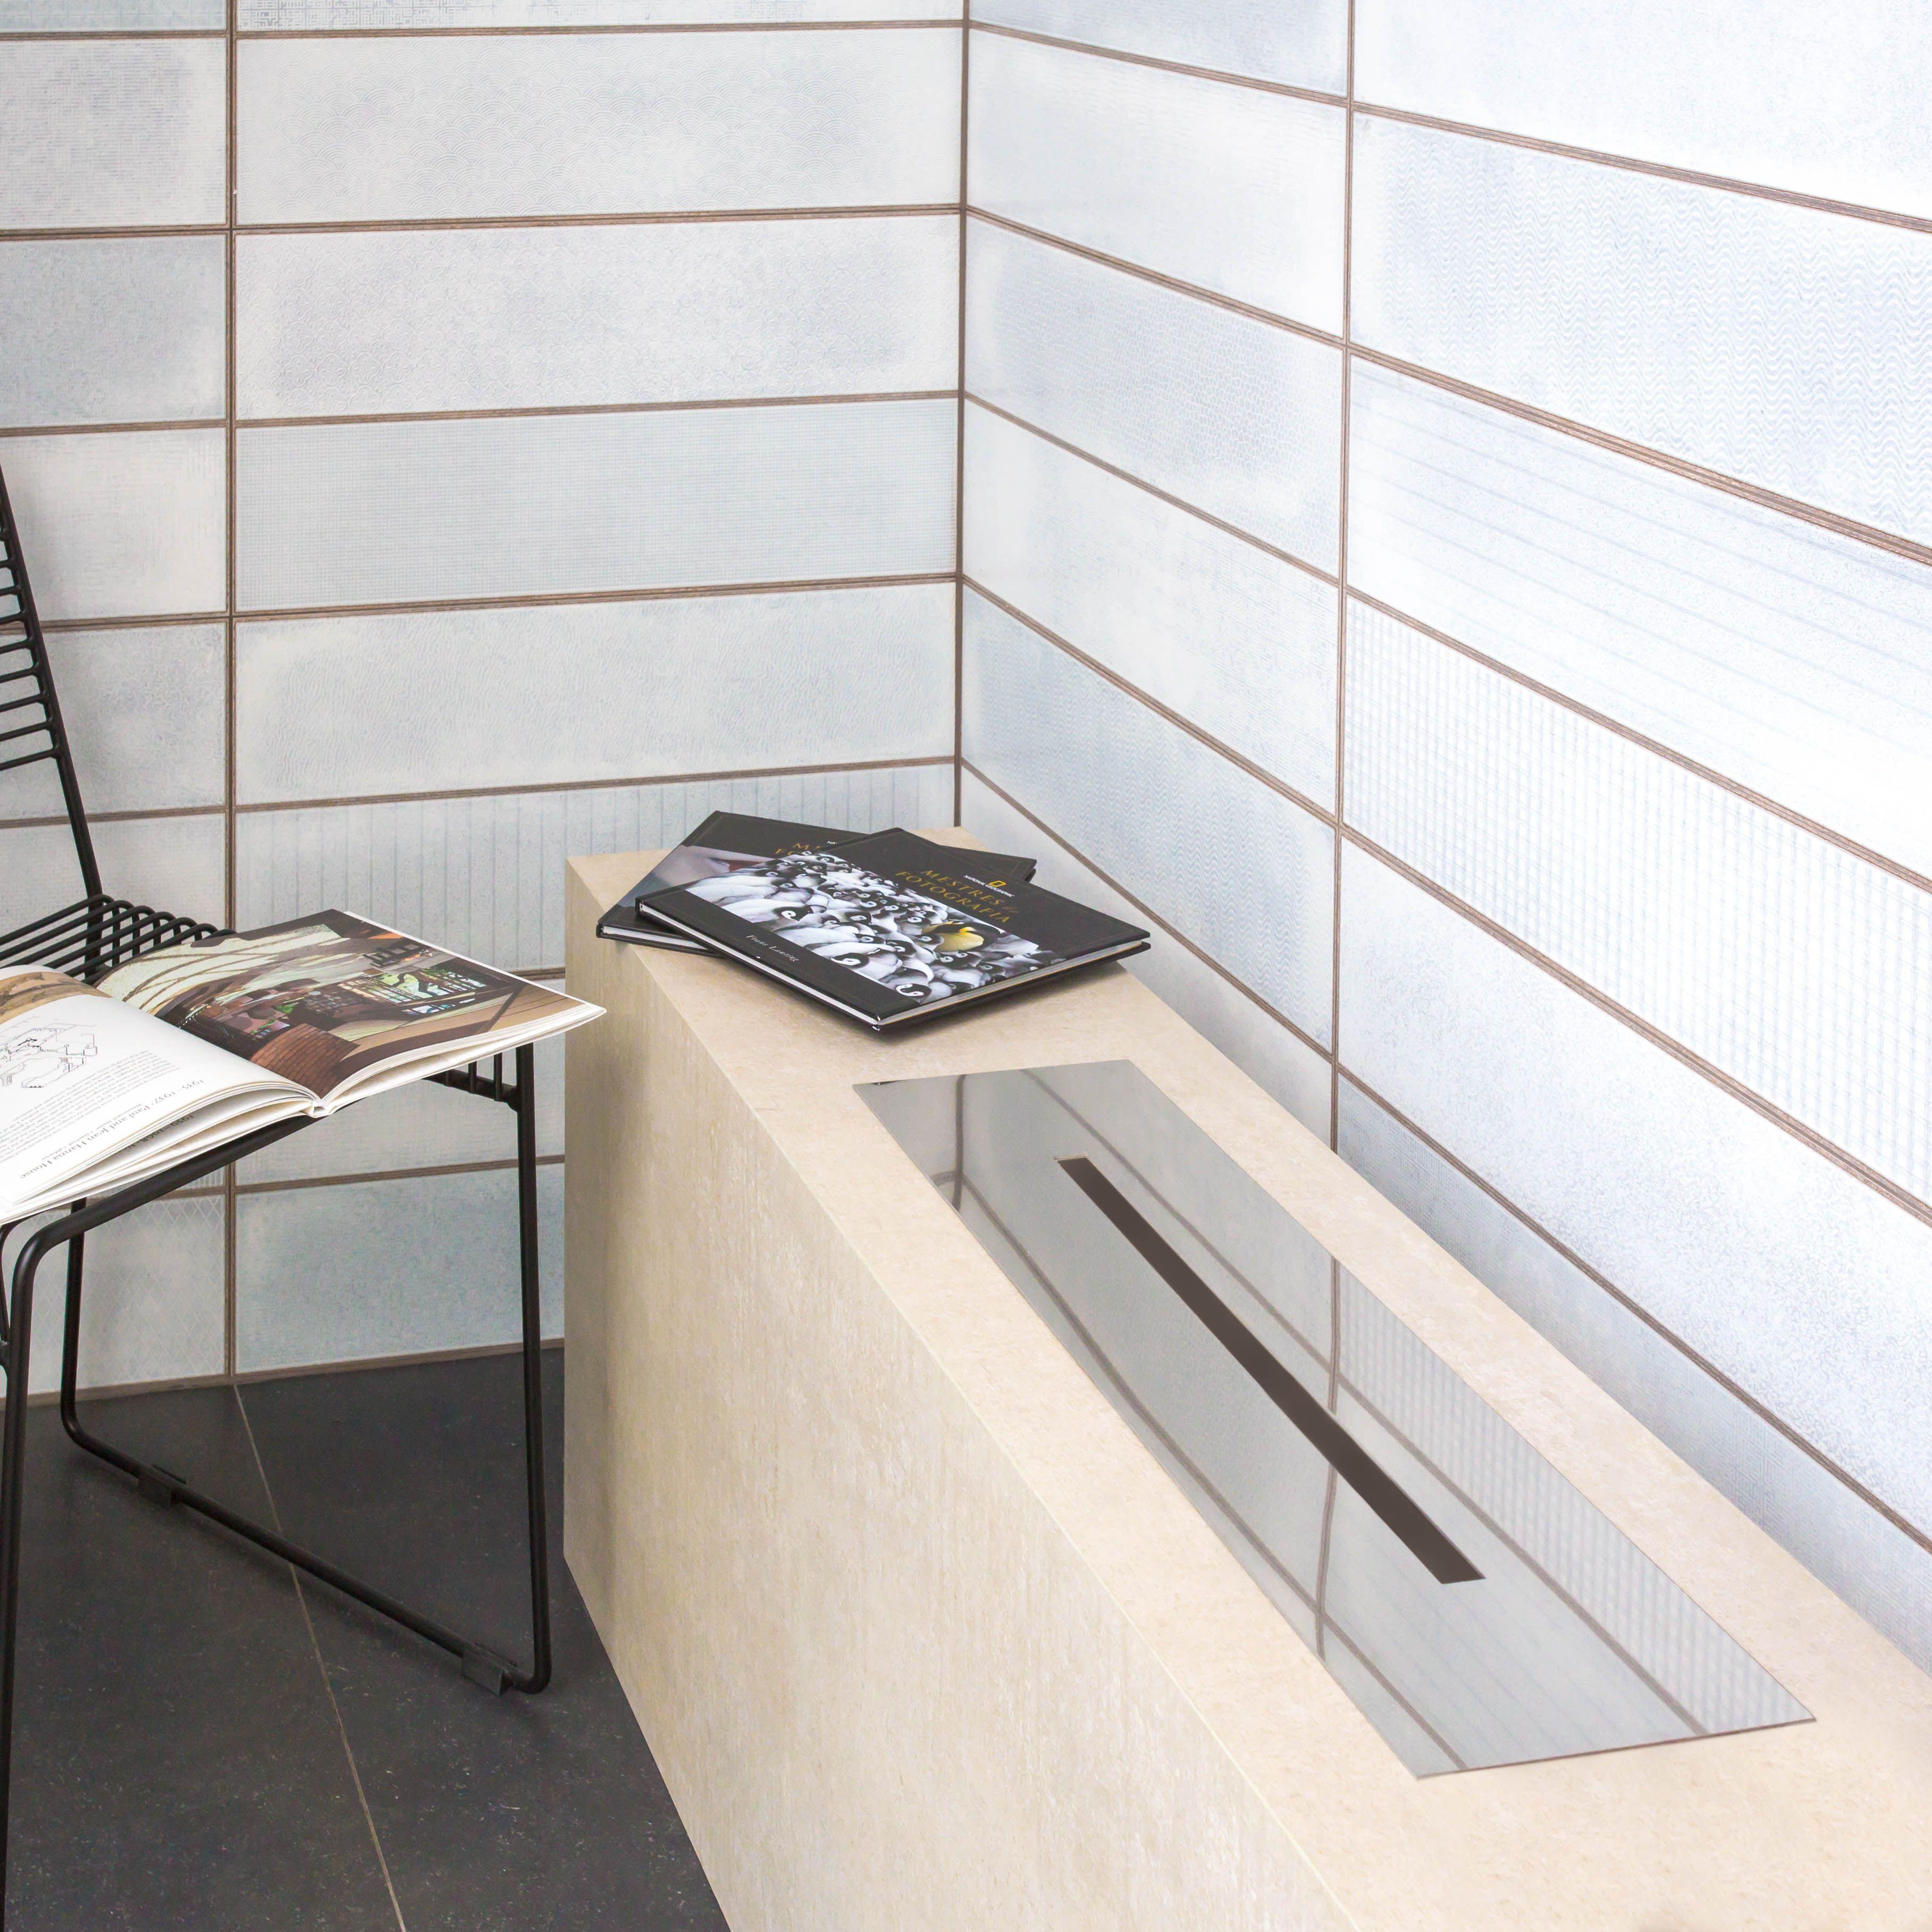 O porcelanato é o material ideal para lareiras por sua alta resistªncia ao calor e facilidade de limpeza Essa lareira foi executada pela ficina